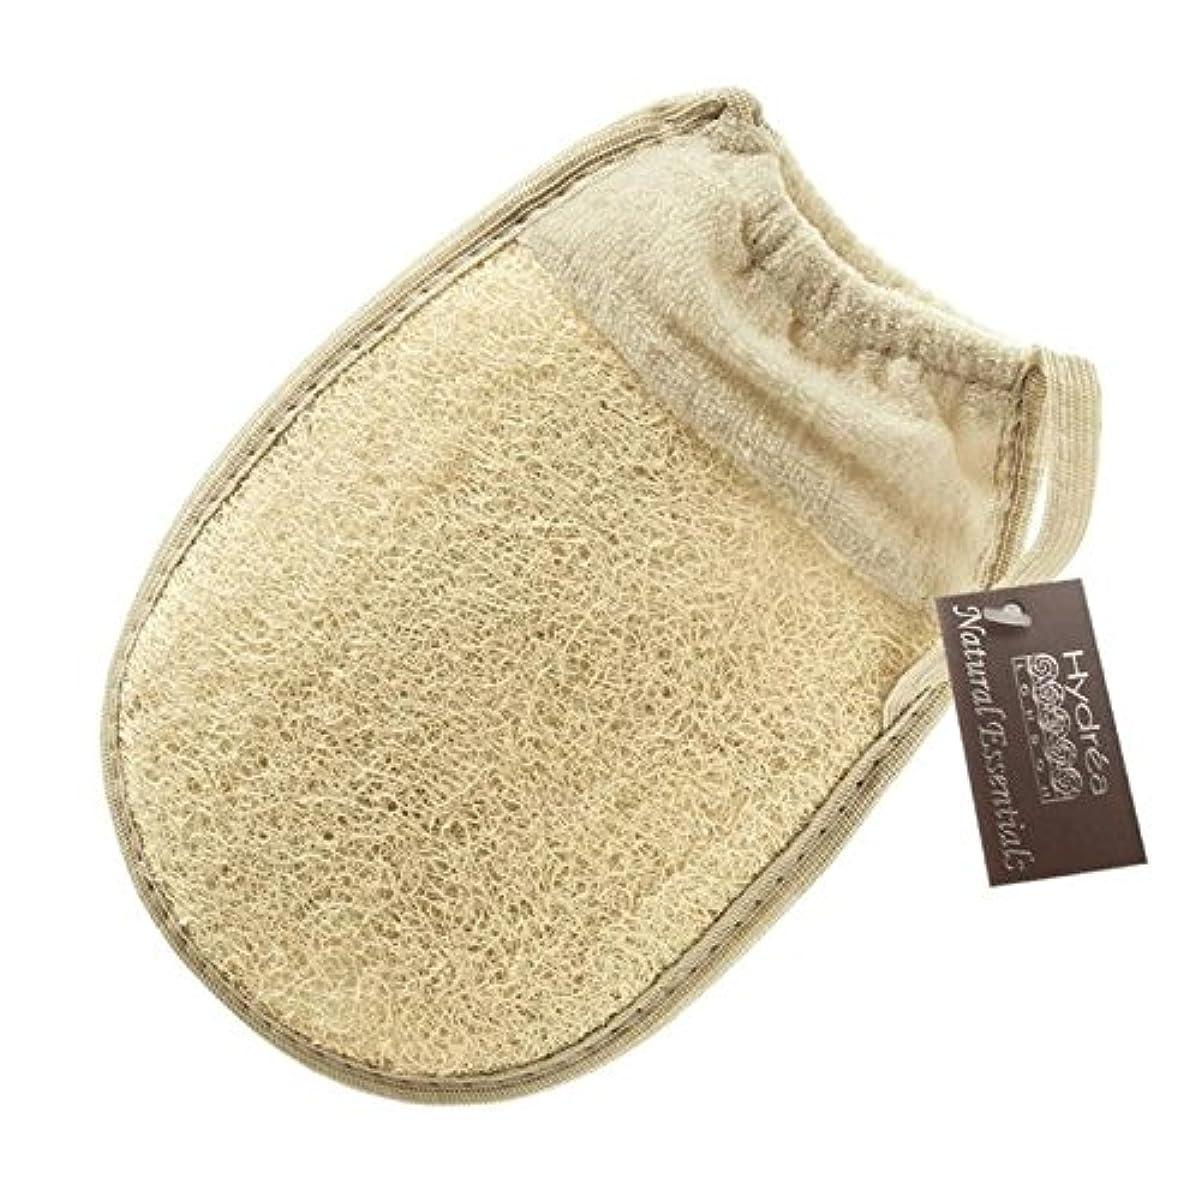 スプーン貫入入植者Hydrea London Egyptian Loofah Glove with Elasticated Cuff - 伸縮性カフとハイドレアロンドンエジプトのヘチマグローブ [並行輸入品]